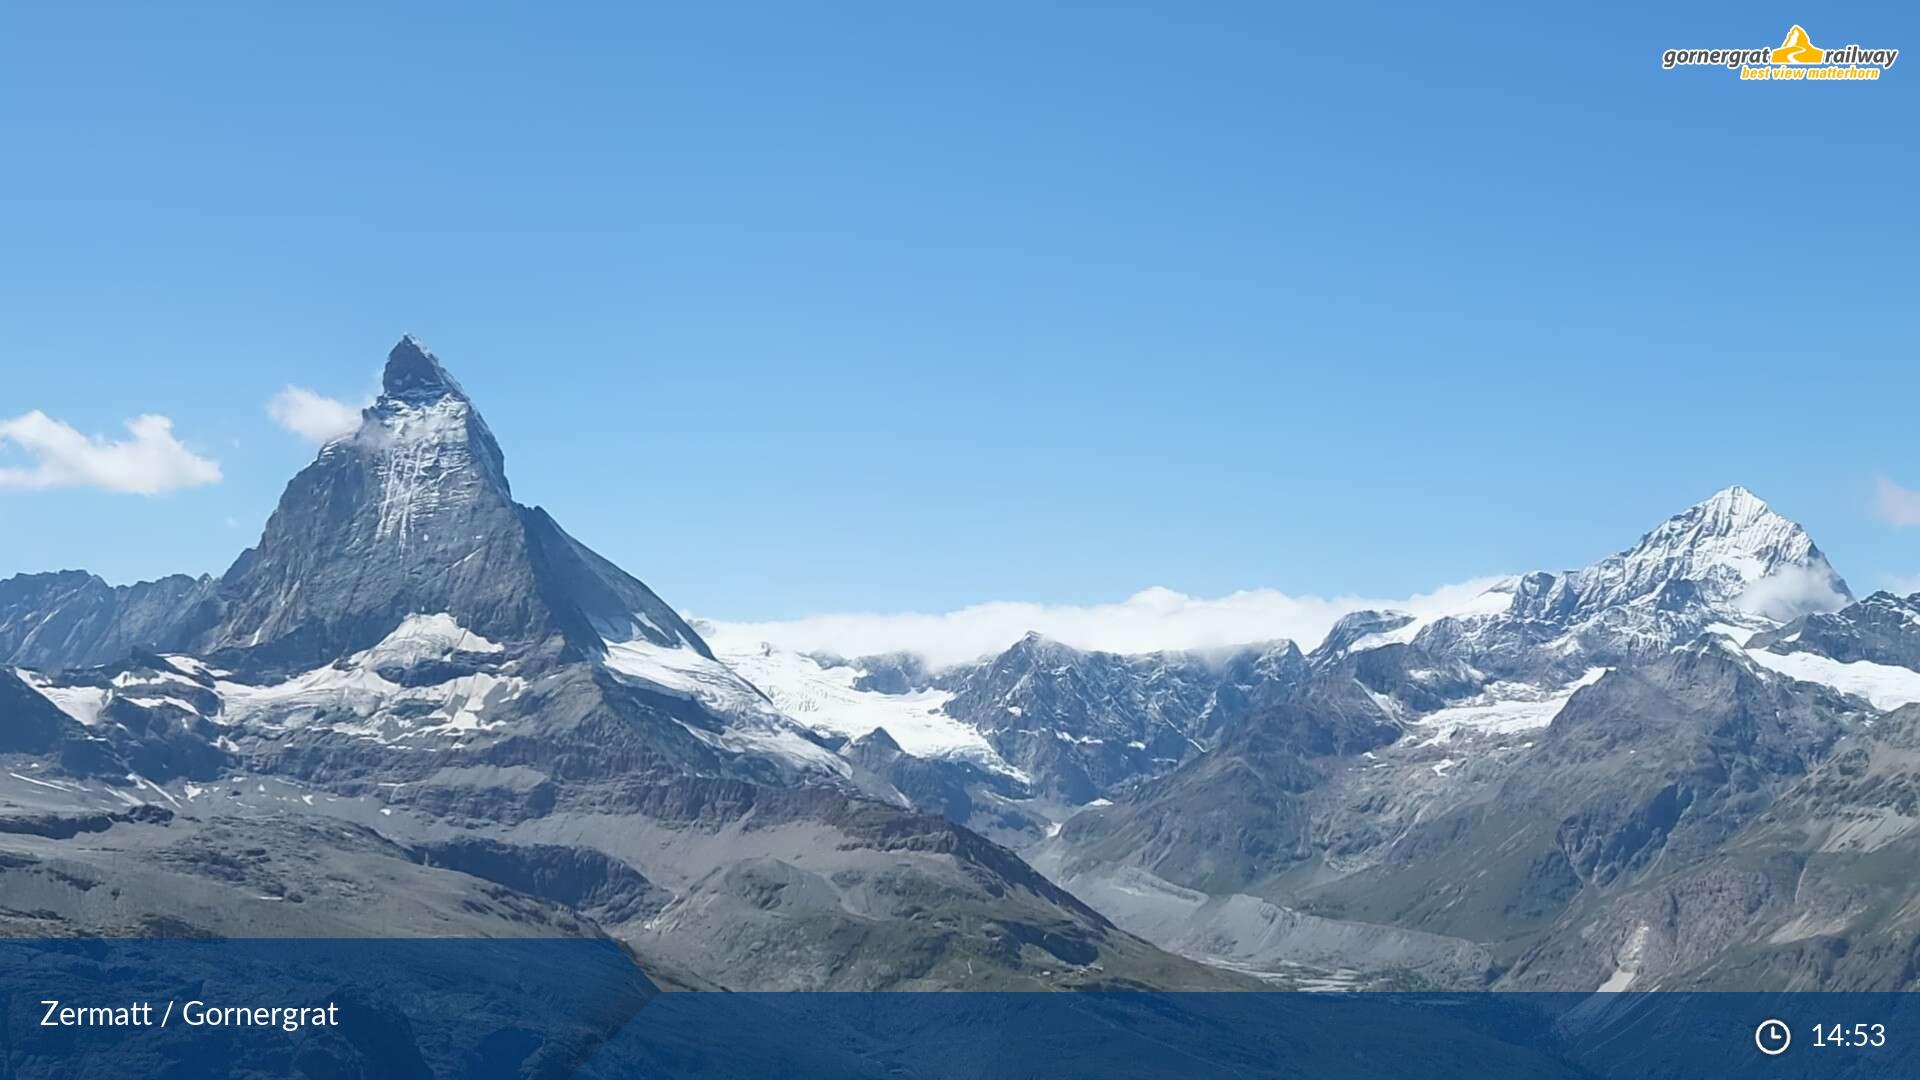 Webcam Gornergrat Bahn Zermatt